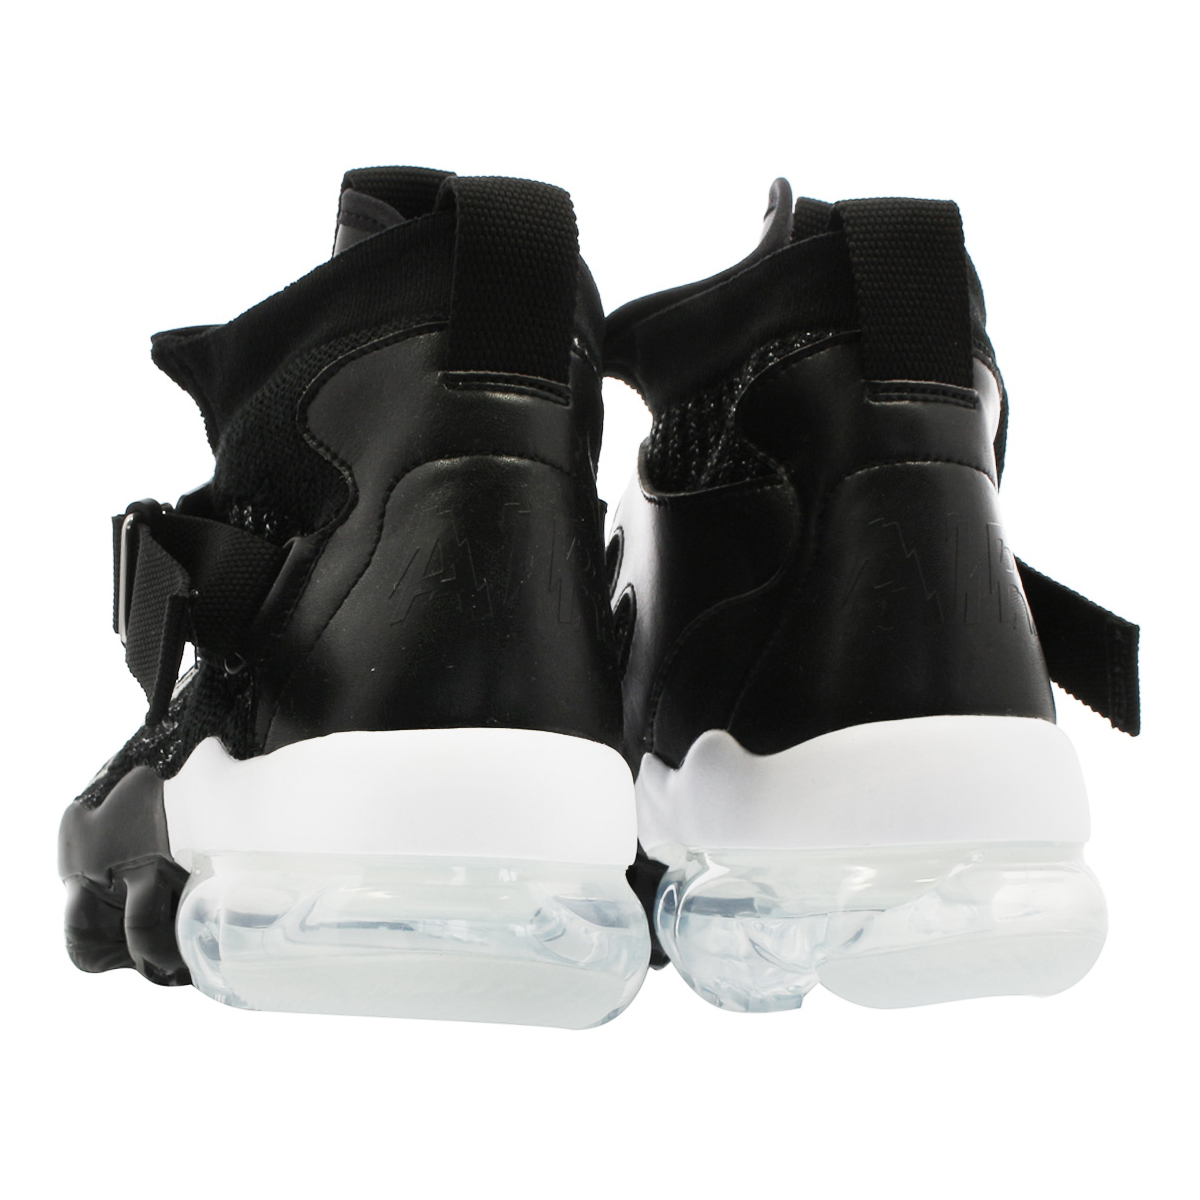 64658a5b47ba8 NIKE VAPORMAX PREMIER FLYKNIT Nike vapor max premiere fly knit BLACK METALLIC  SILVER WHITE ao3241-002